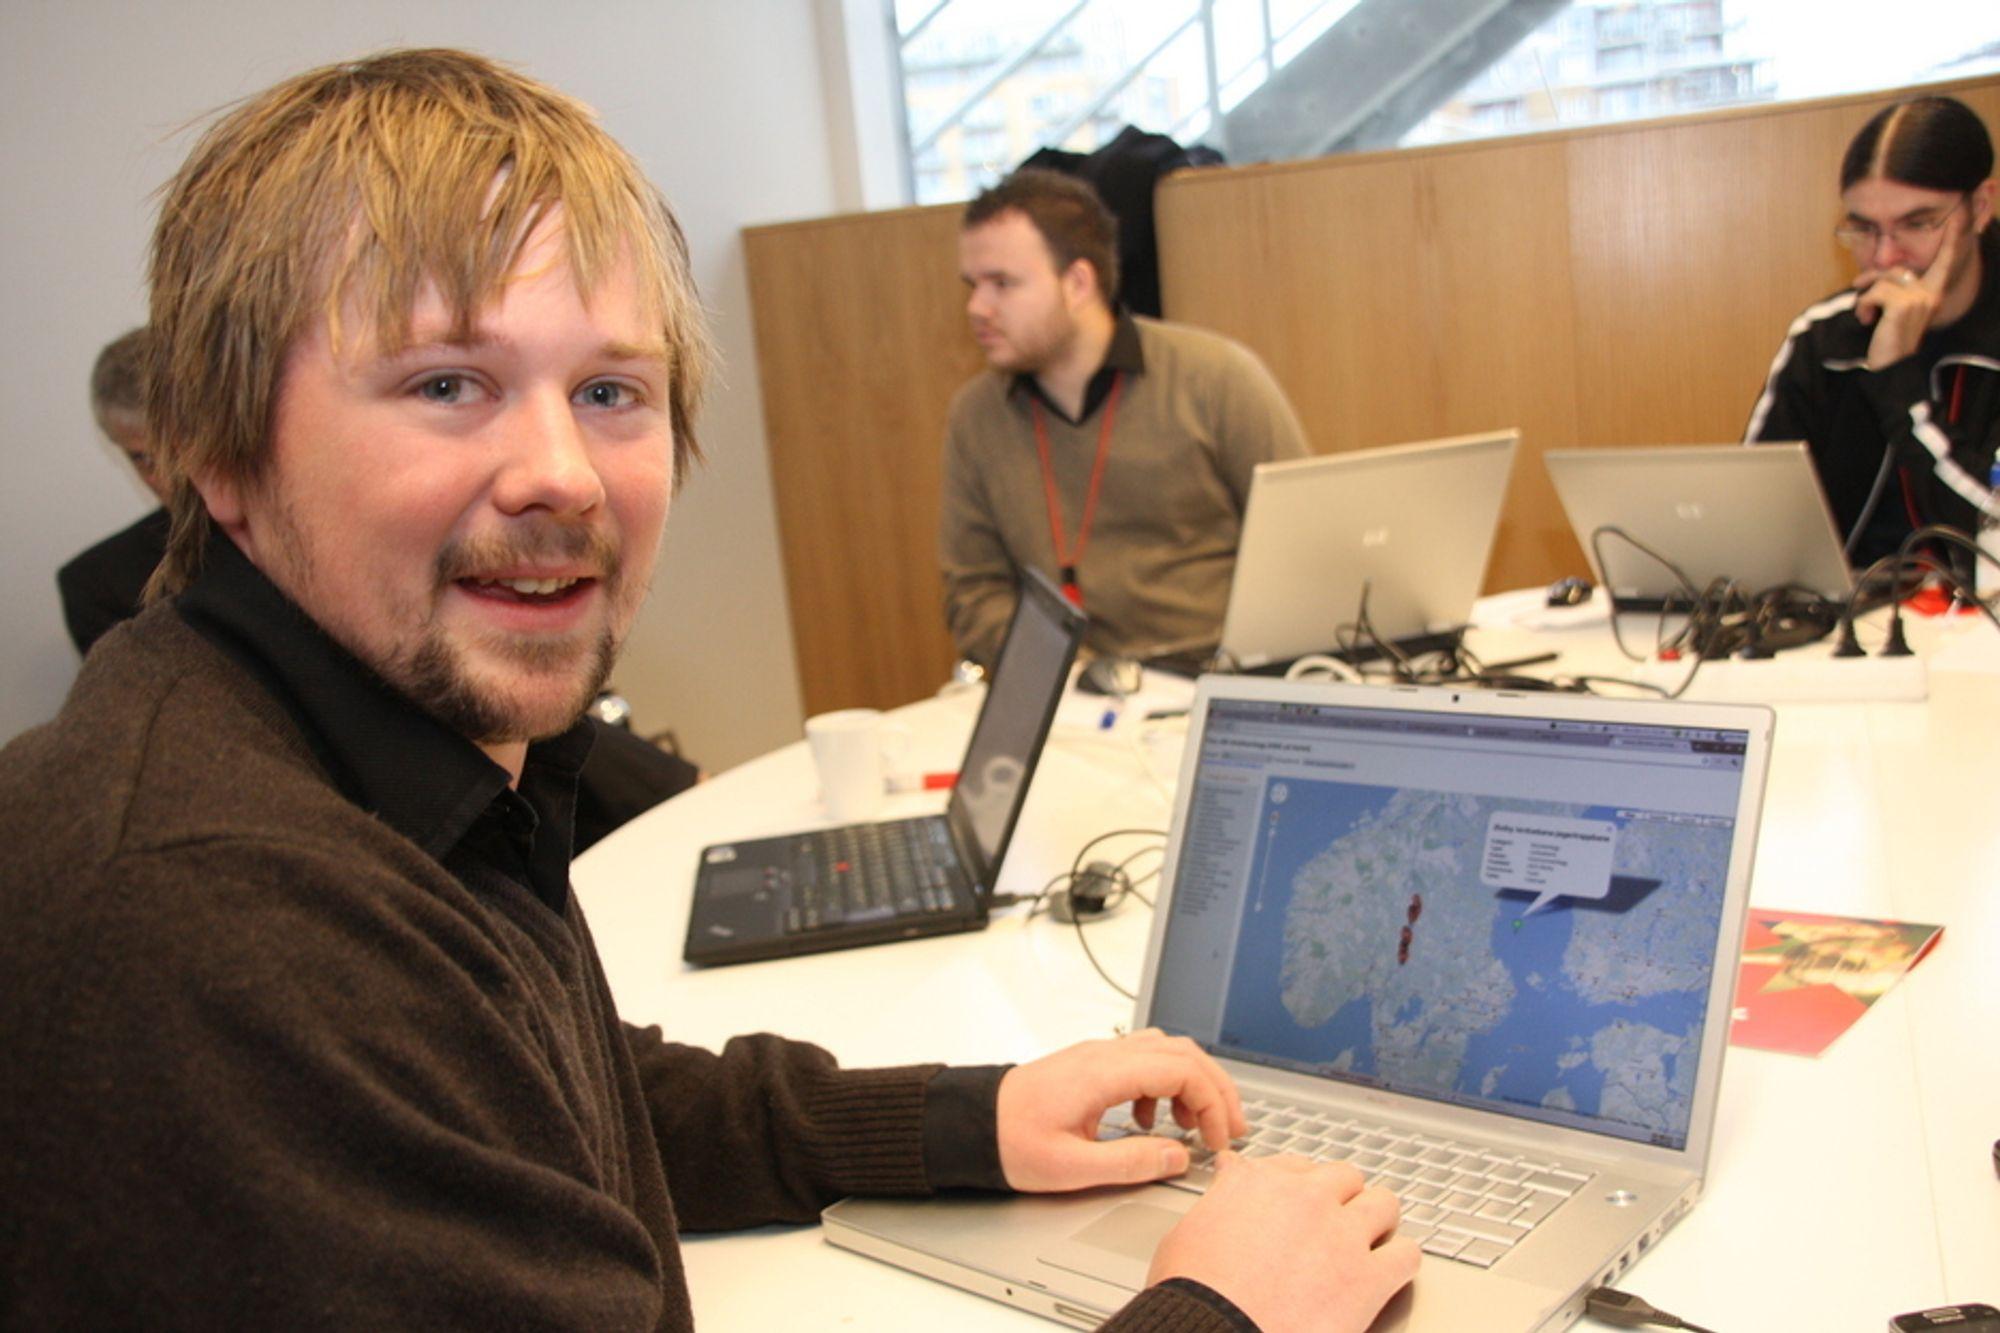 NY BRUK: Staten søker kreative hoder som vil finne ny bruk av gratis offentlig informasjon, slik som utvikler Johannes Knutsen. Sammen med en kollega har han laget en app som søker opp lokale idrettsanlegg.